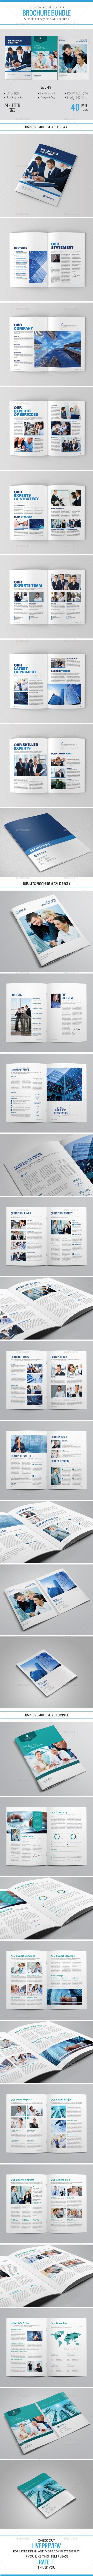 Business Brochure Bundle Vol. 07 - Corporate Brochures